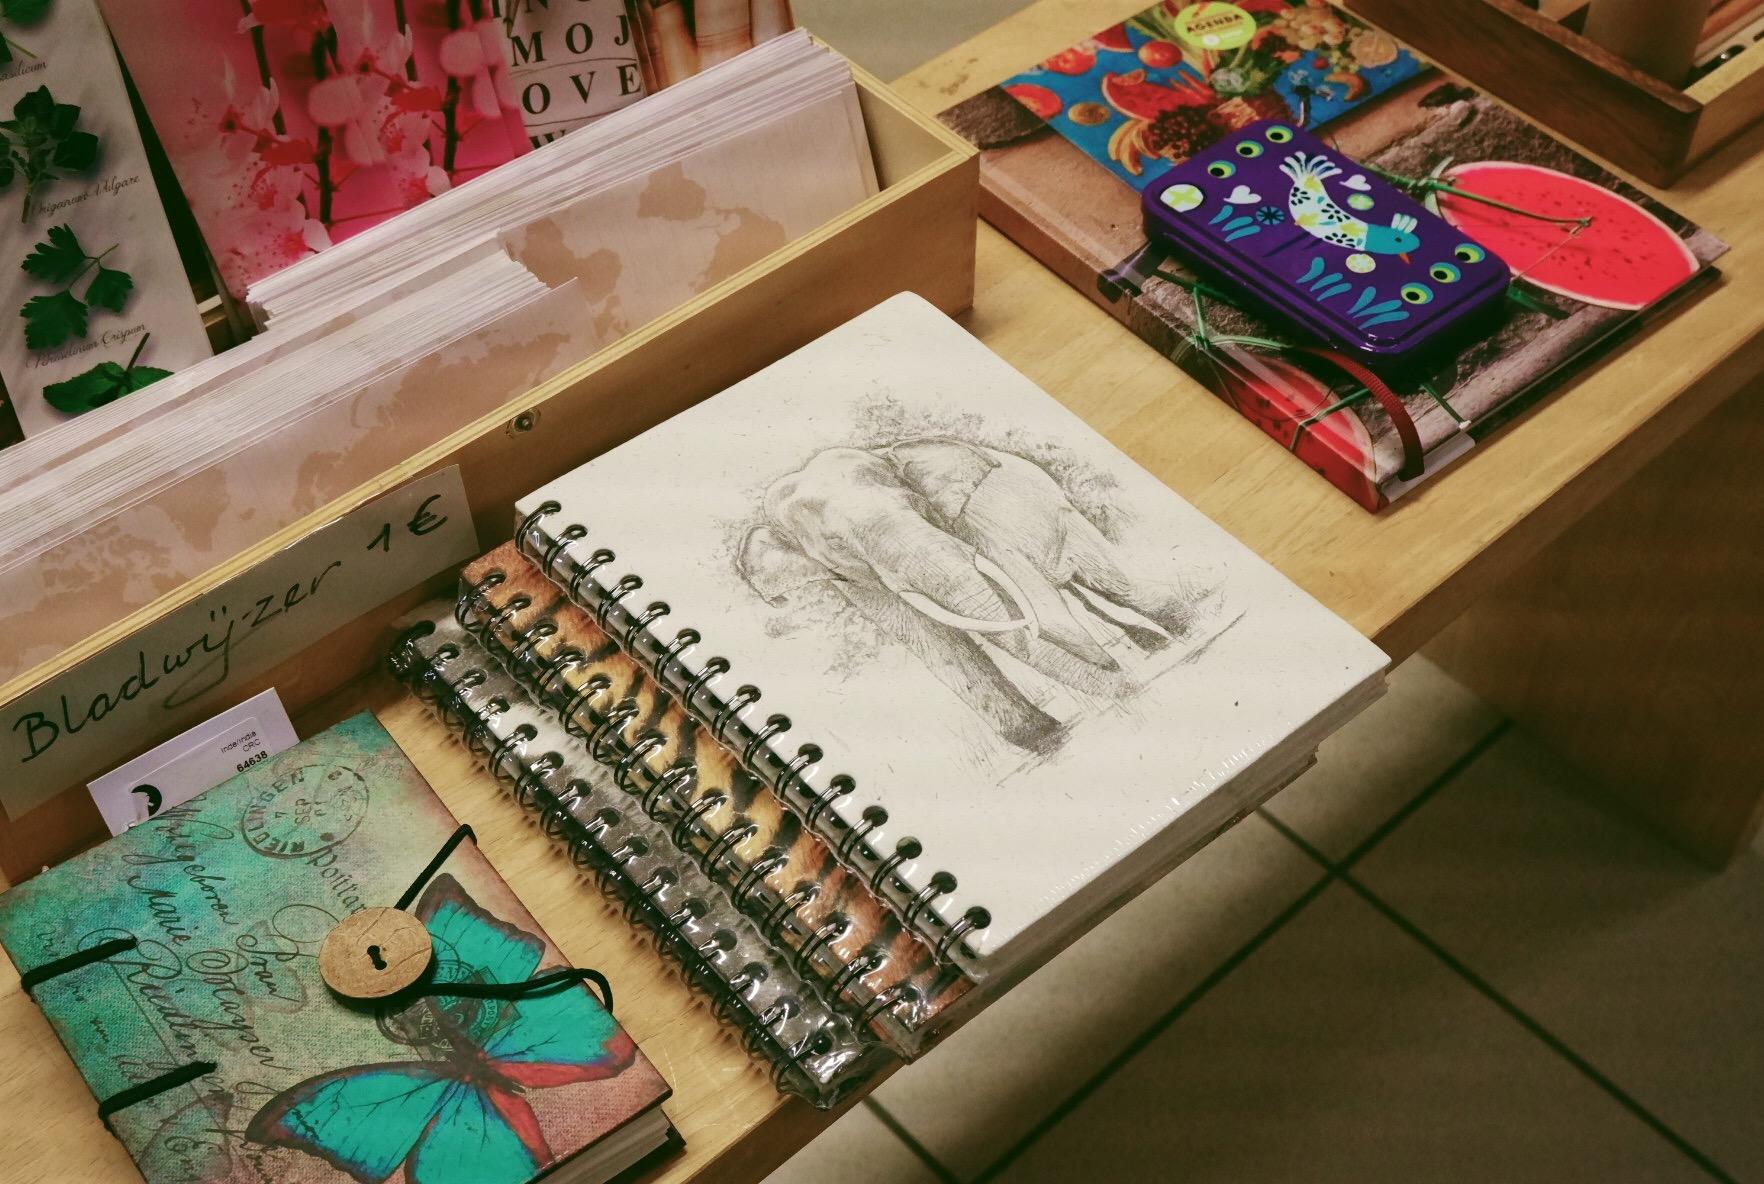 Op eerlijke cadeauzoektocht bij Oxfam Wereldwinkel in Hasselt - notitieboekje